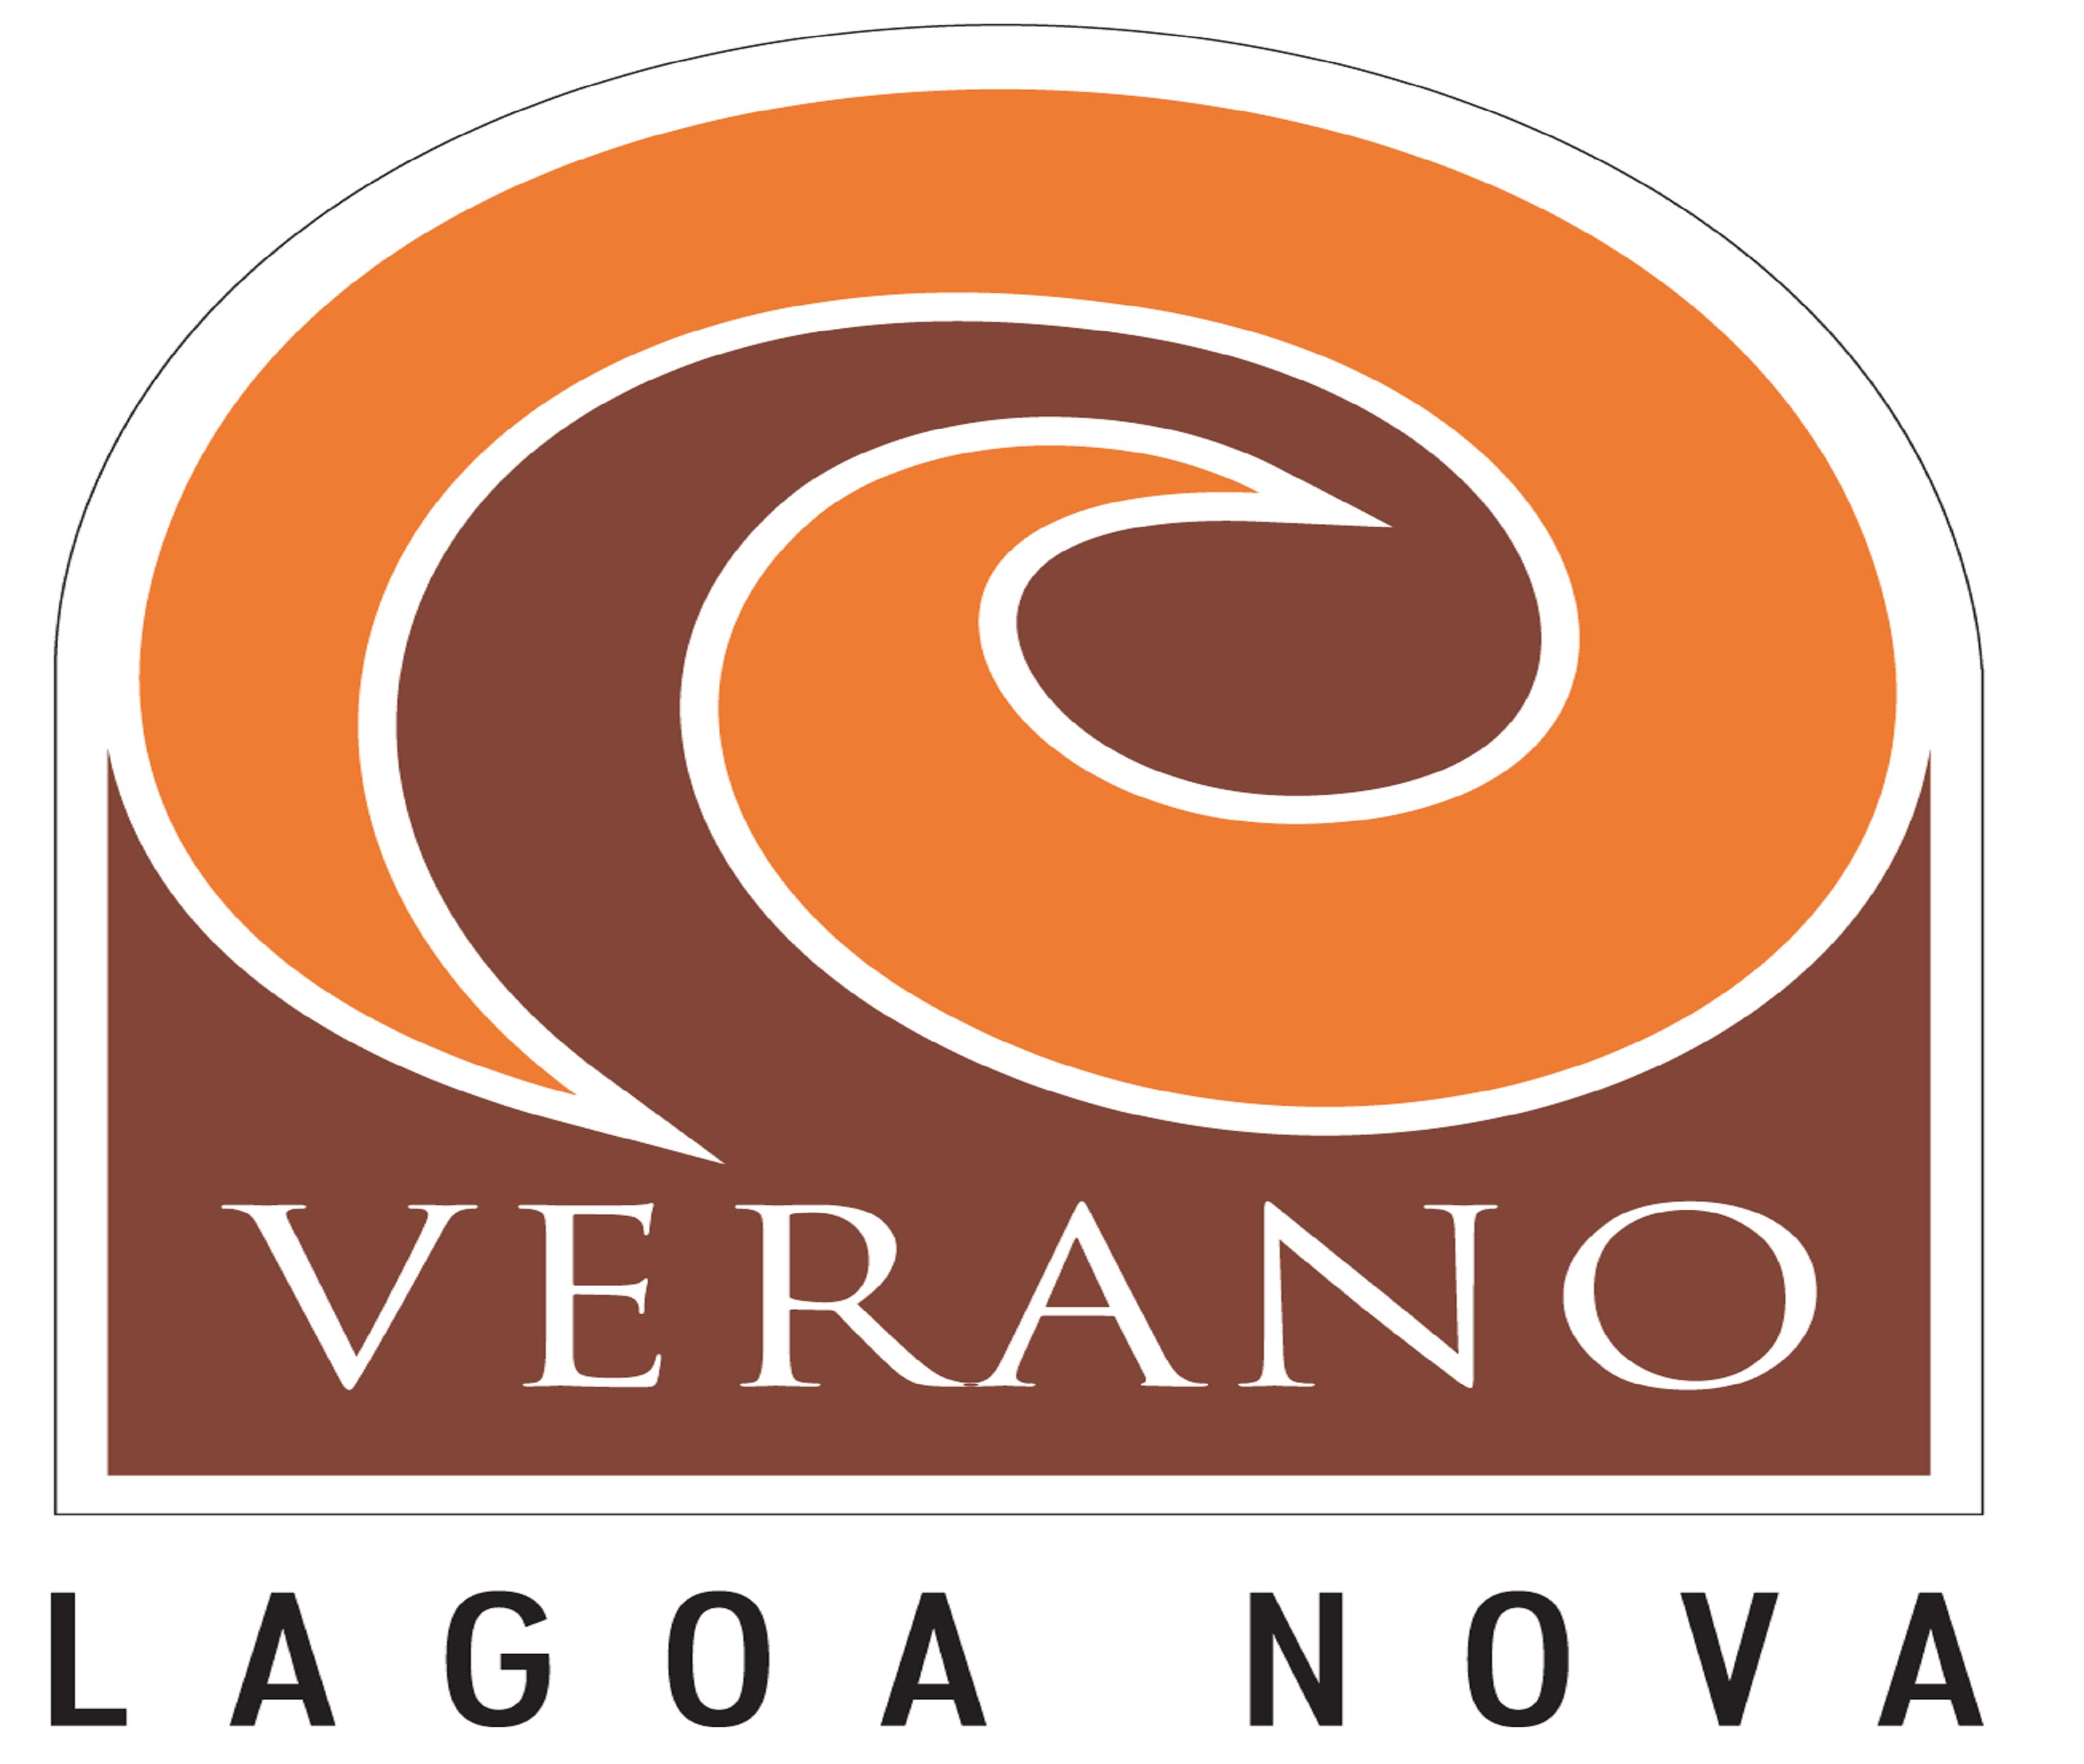 Condomínio Verano Lagoa Nova